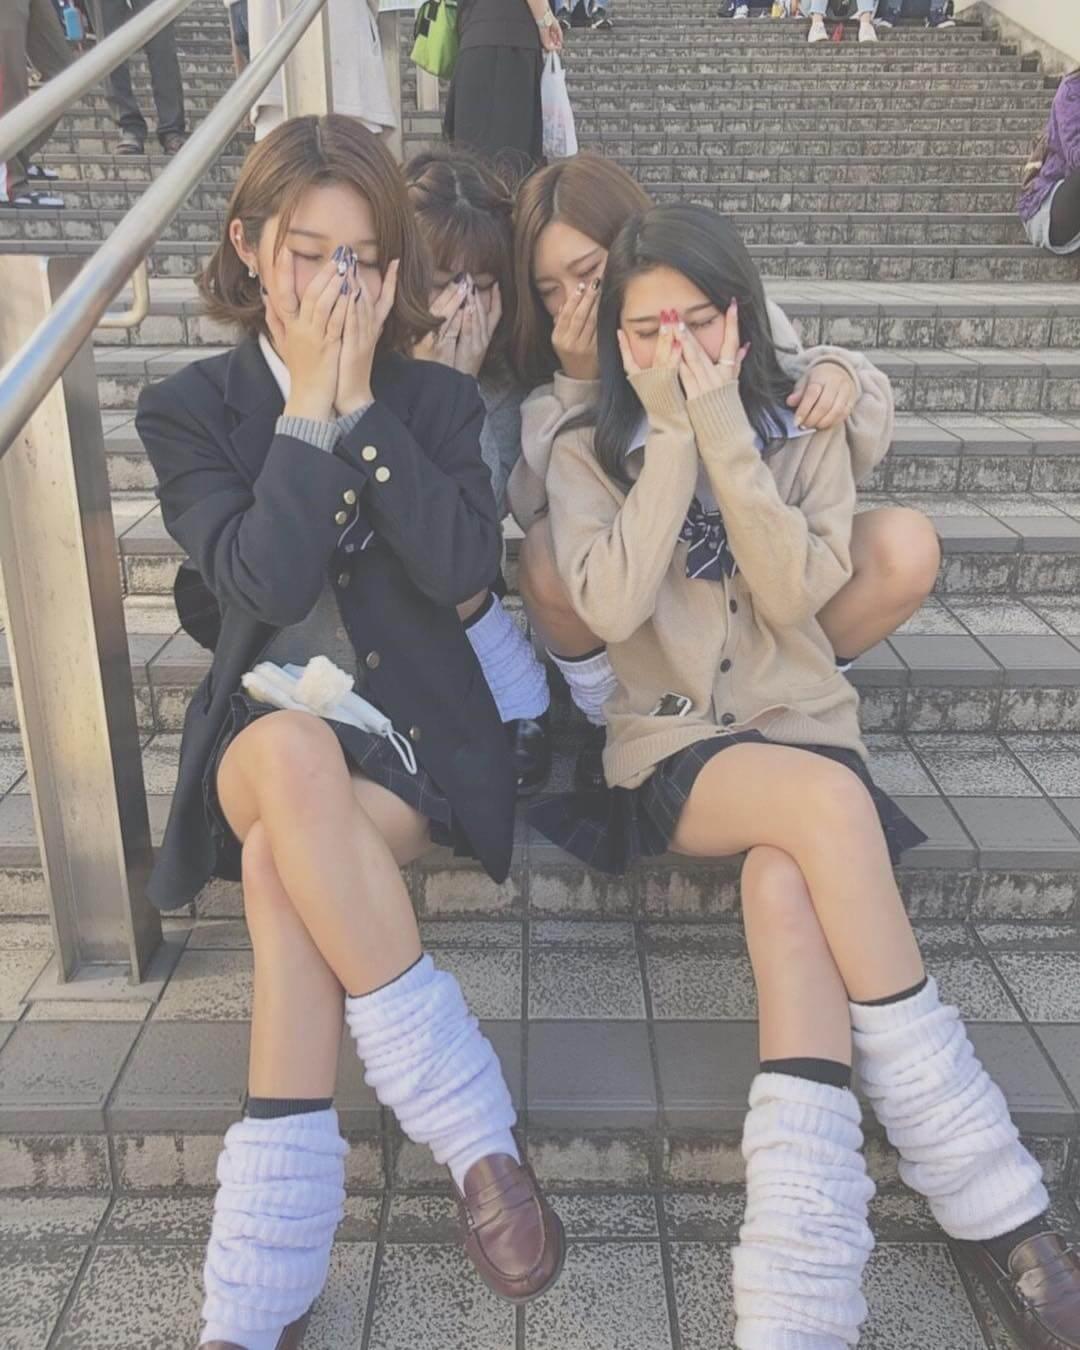 【画像】女子高生の脚組んだふとももがエチエチ過ぎる